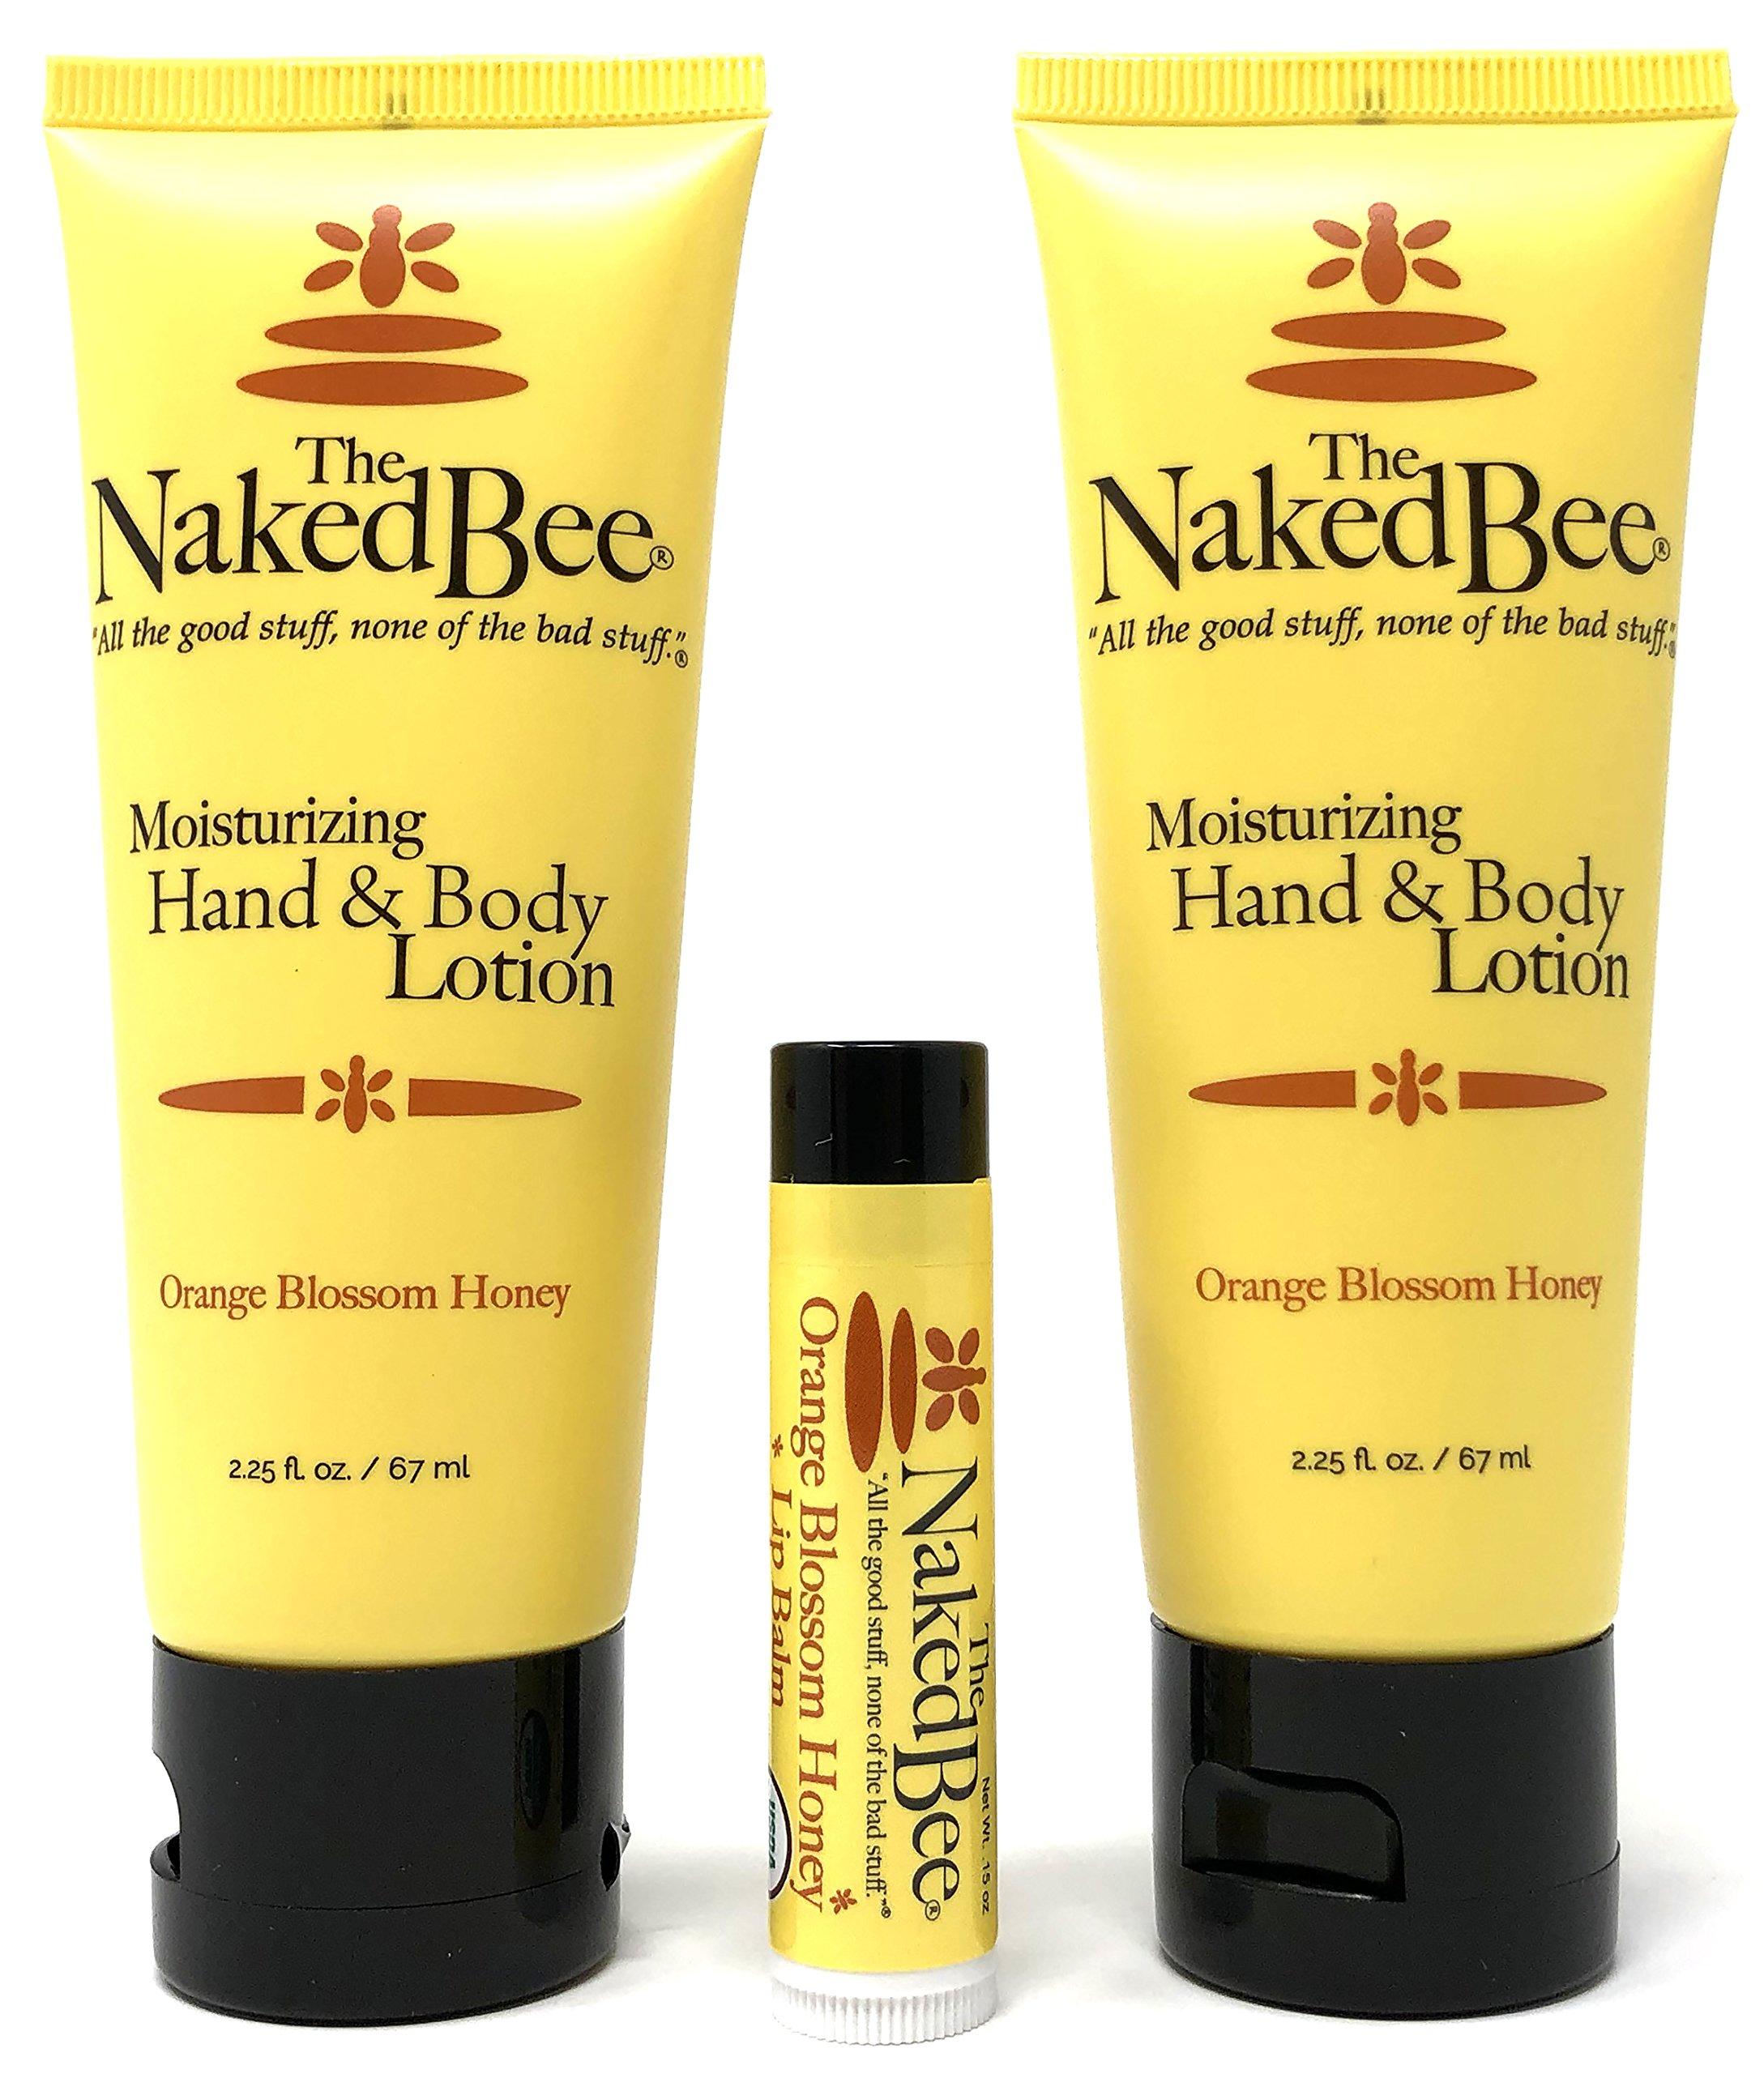 Amazon.com : The Naked Bee Orange Blossom Honey Hand